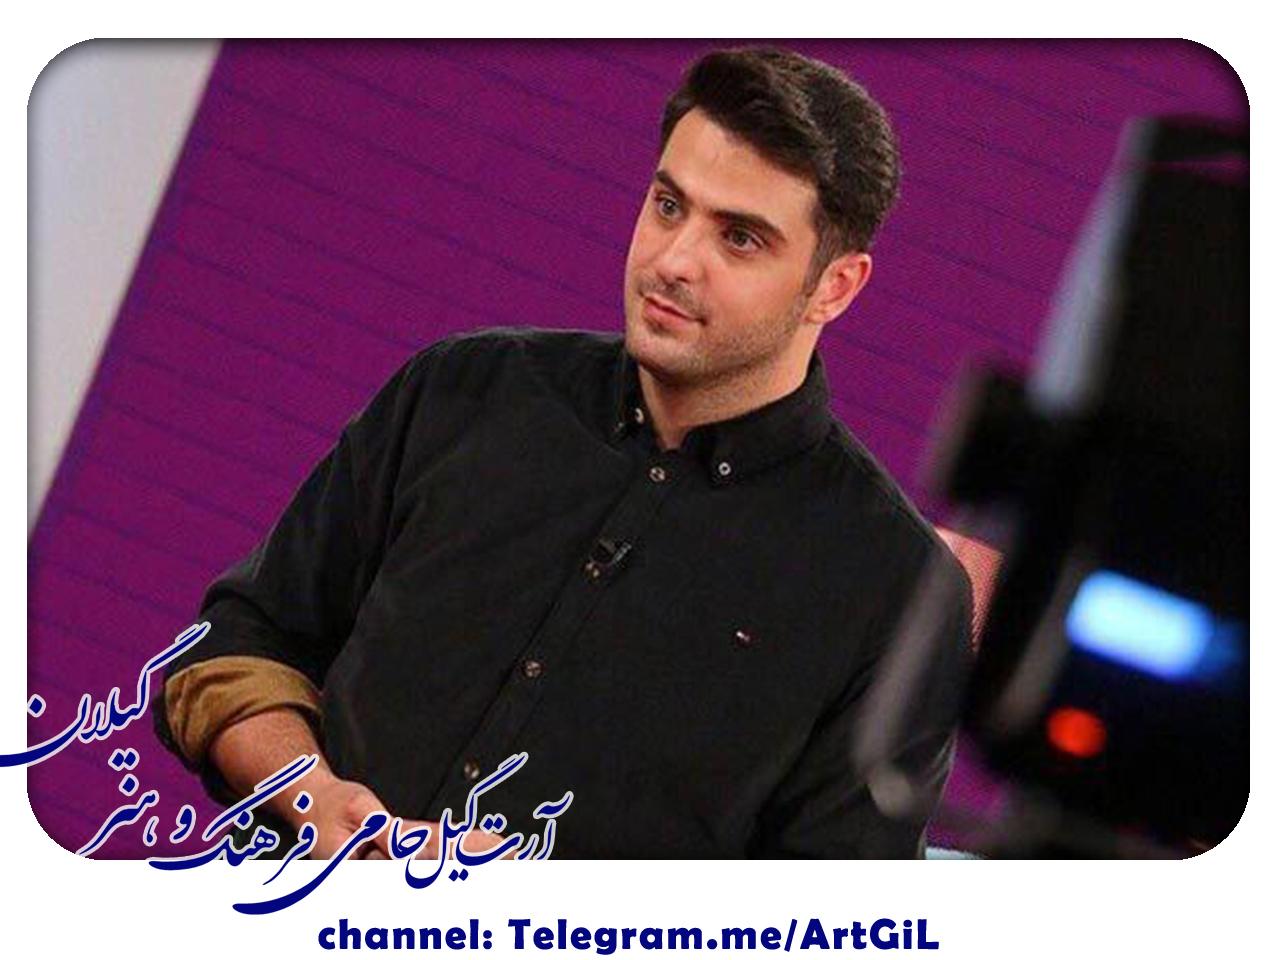 علی ضیا در واکنش به حواشی مهمان جنجالیاش مدرک رو کرد